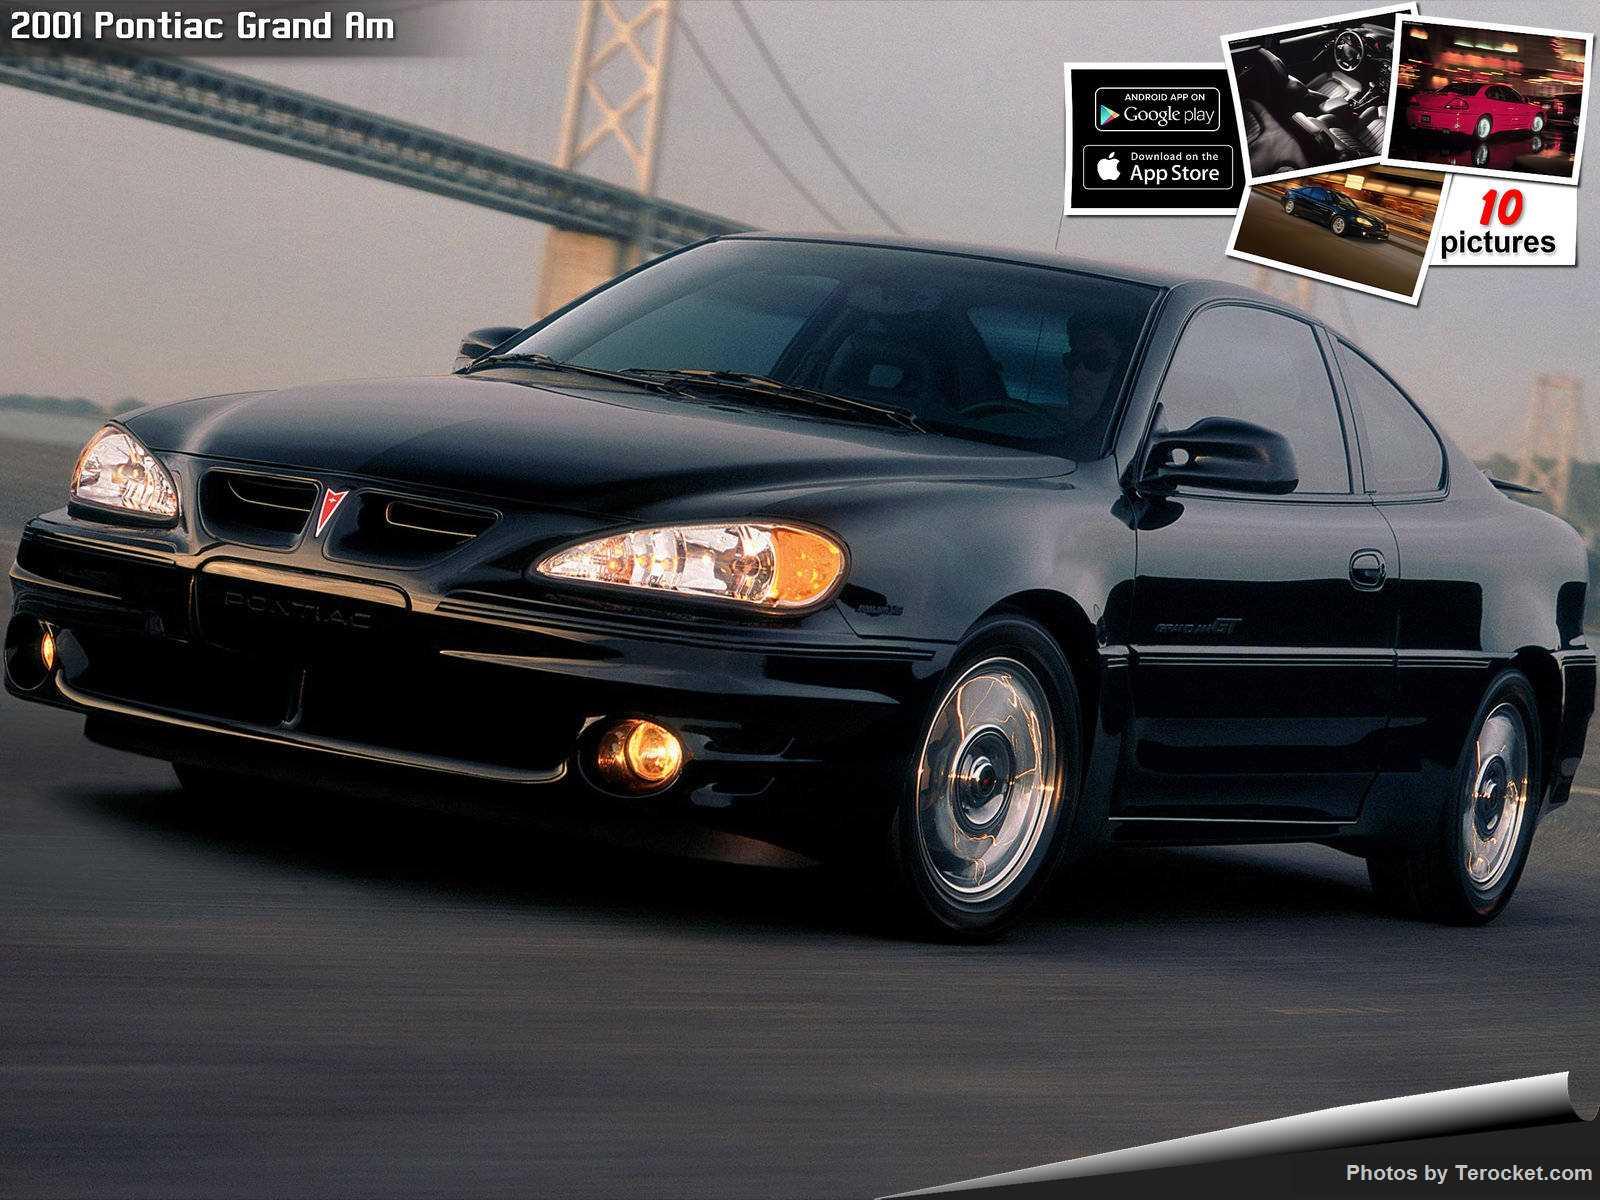 Hình ảnh xe ô tô Pontiac Grand Am 2001 & nội ngoại thất